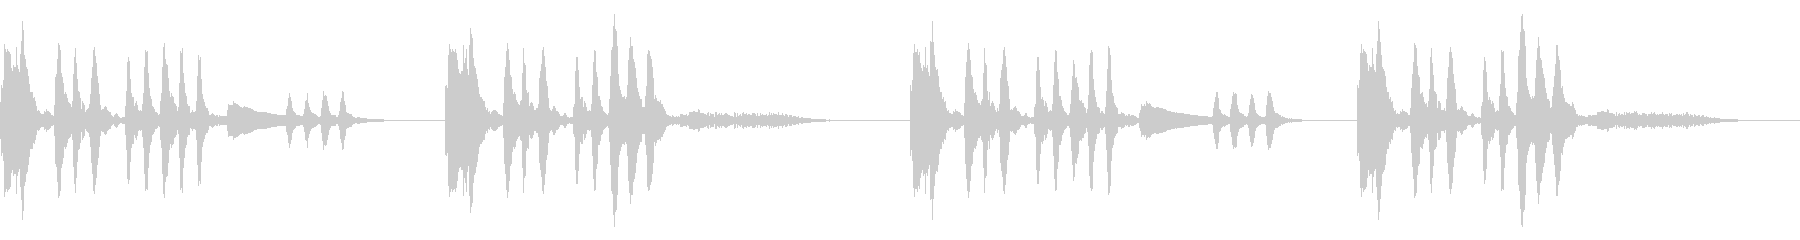 怪しい場面に適したストリングス曲の未再生の波形